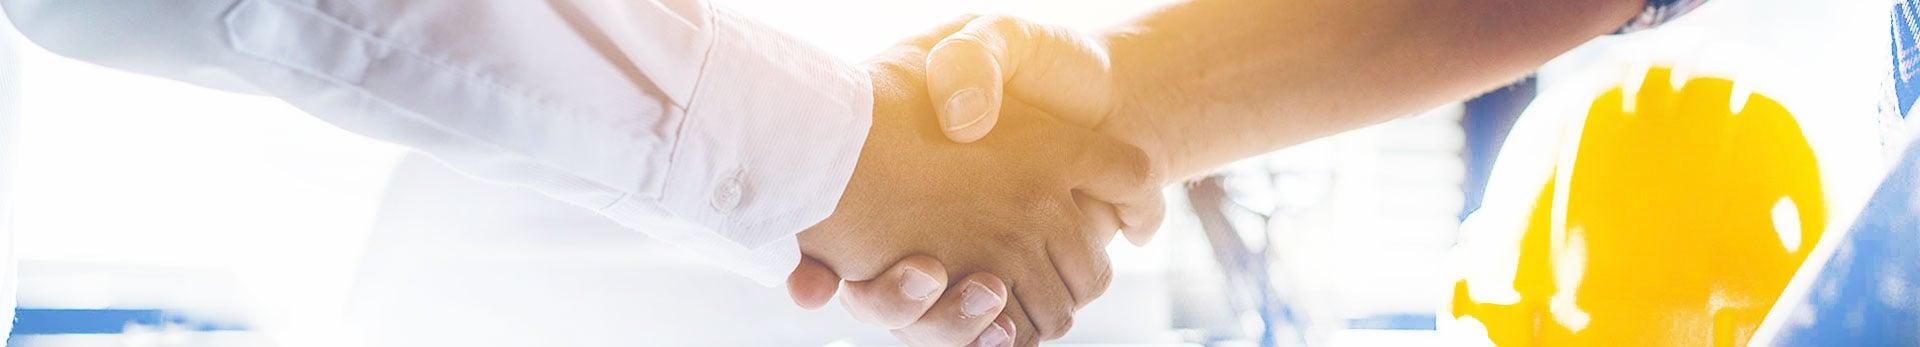 gramm-medical-unternehmen-kompetenzen-leistungen